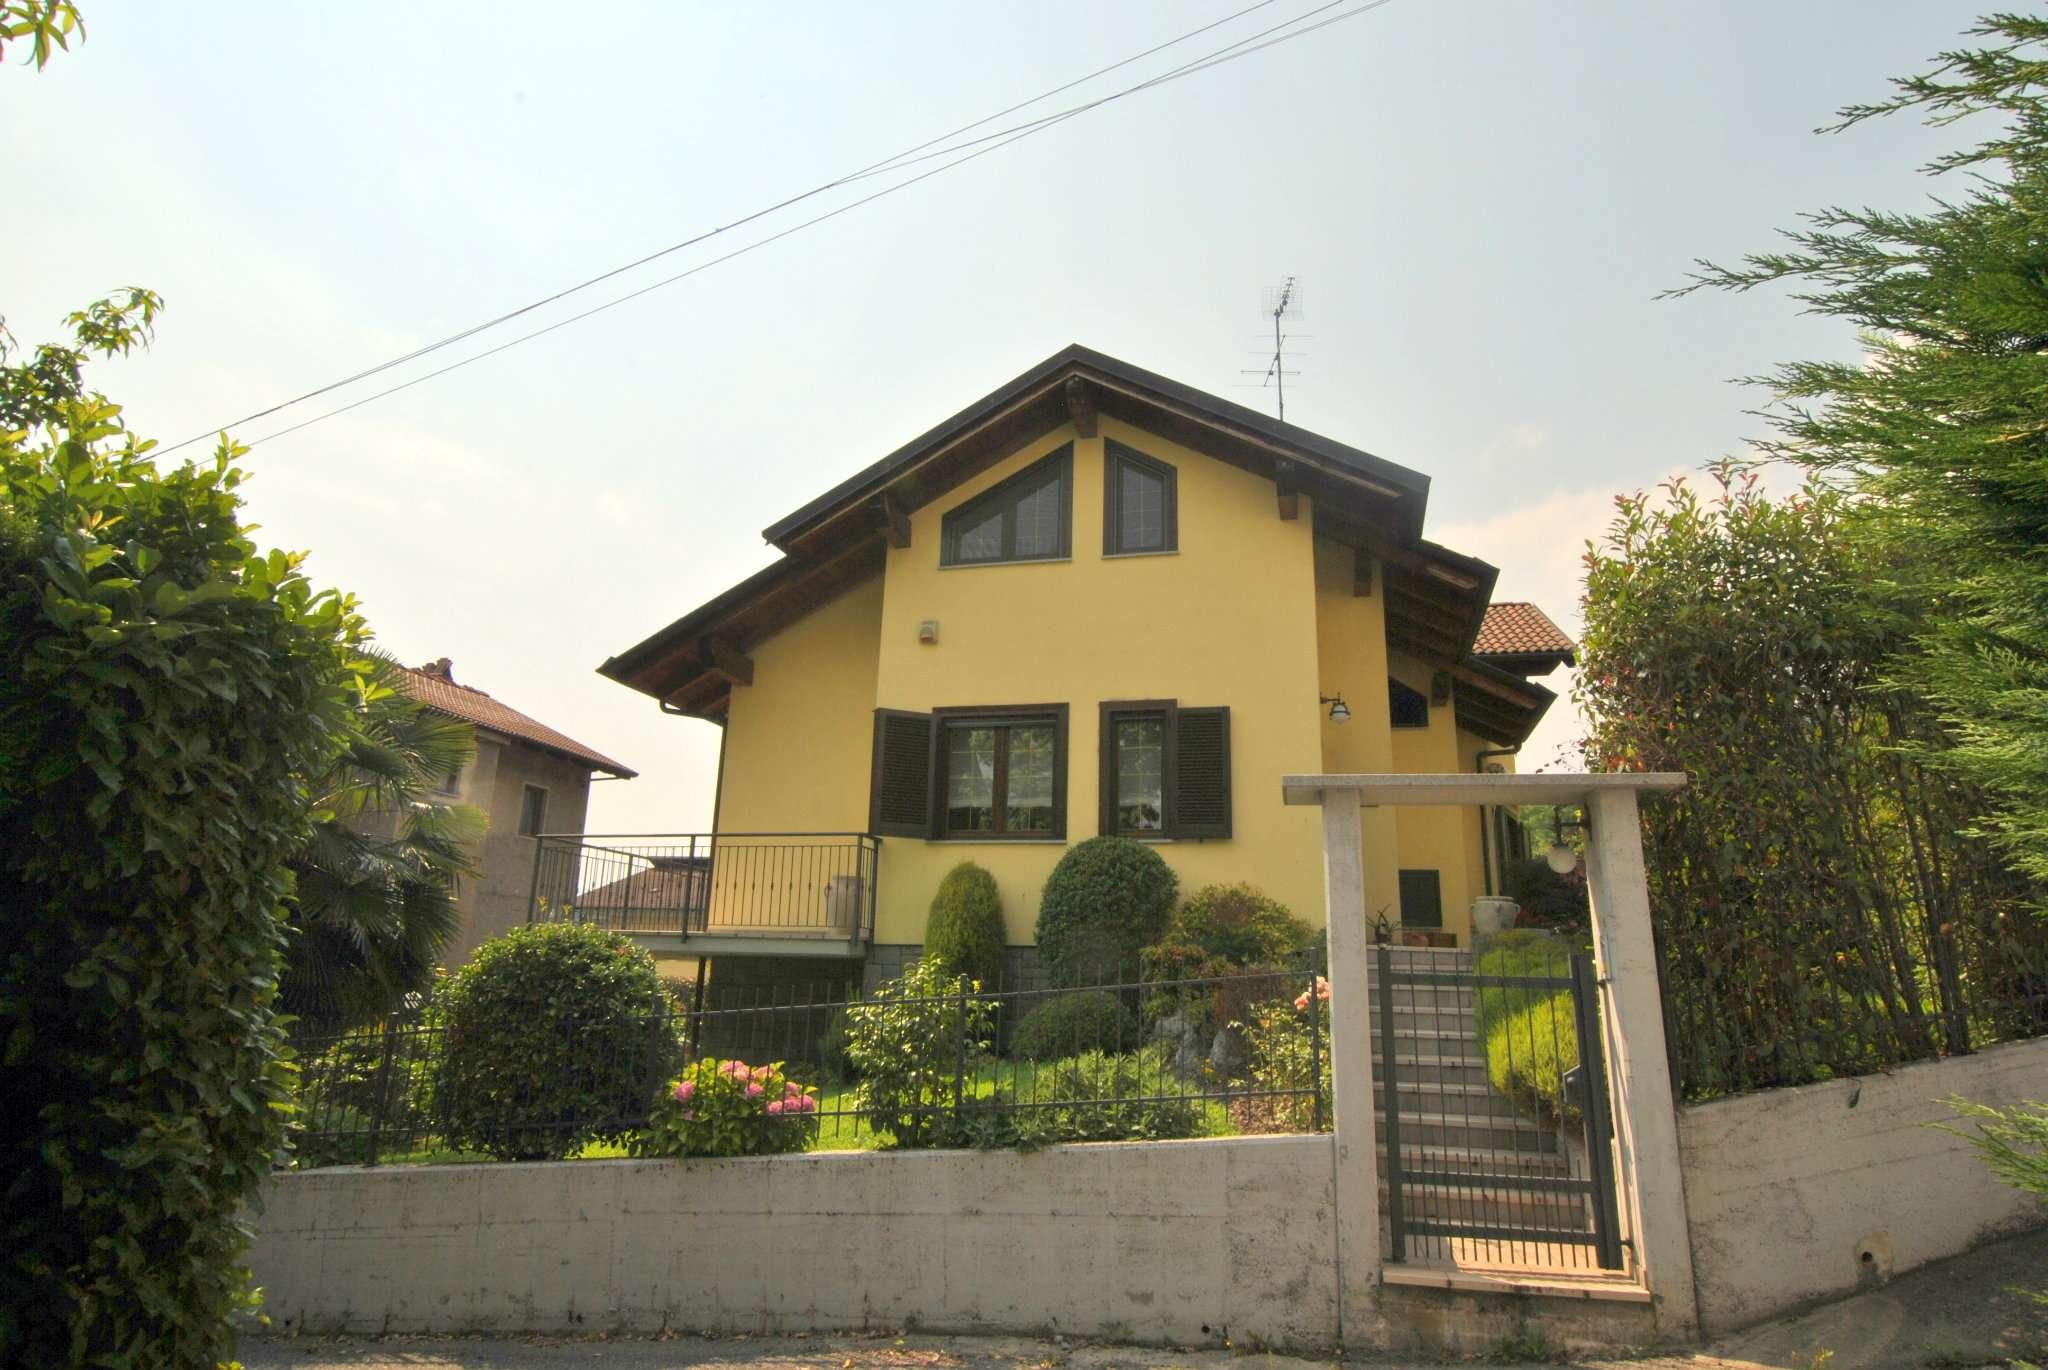 Villa in vendita a Borgone Susa, 6 locali, prezzo € 305.000 | CambioCasa.it